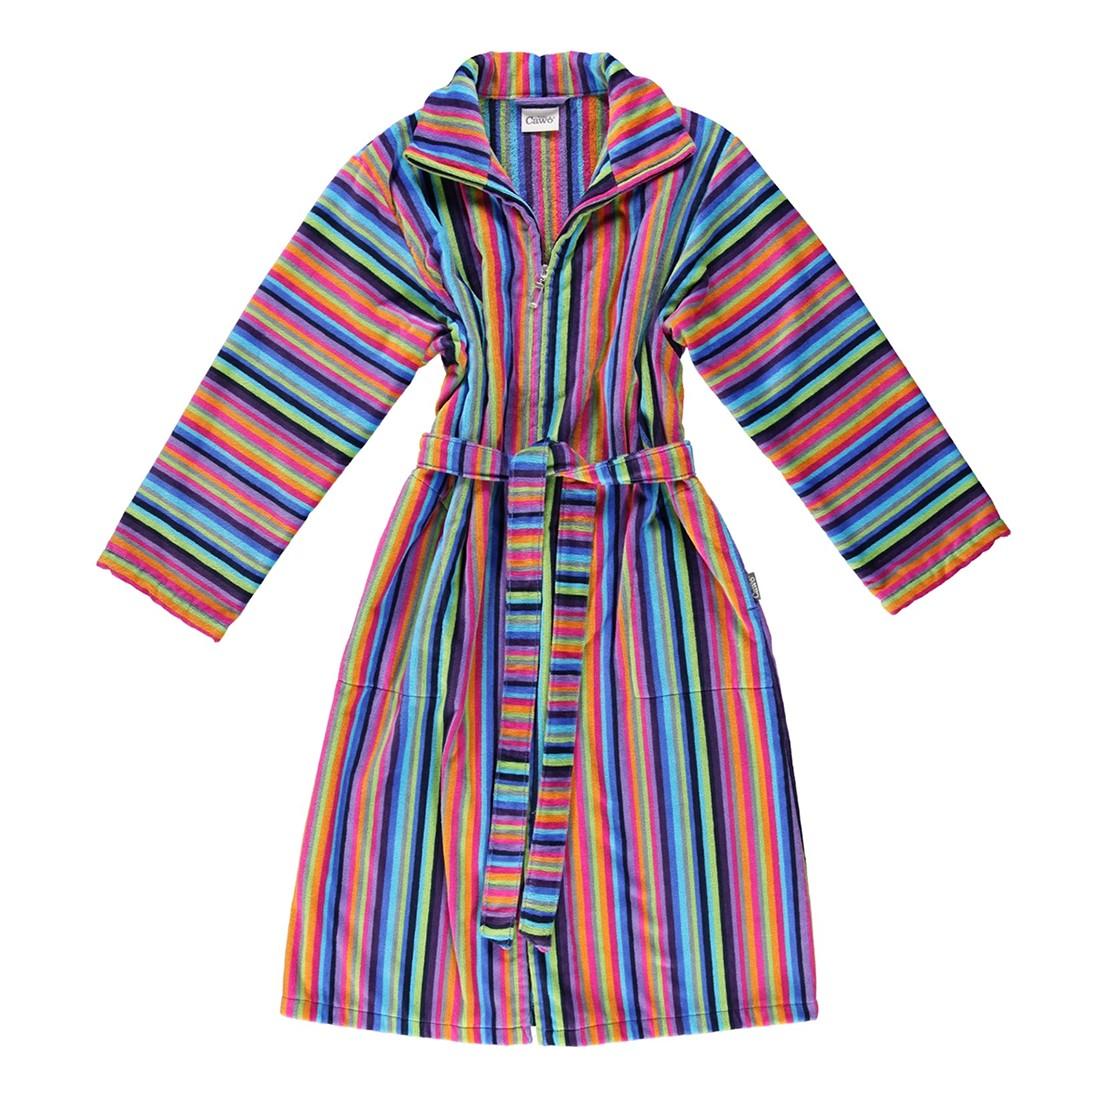 Bademantel 1456 – Damen – 100% Baumwolle multicolor – 14 – Größe: S, Cawö günstig online kaufen